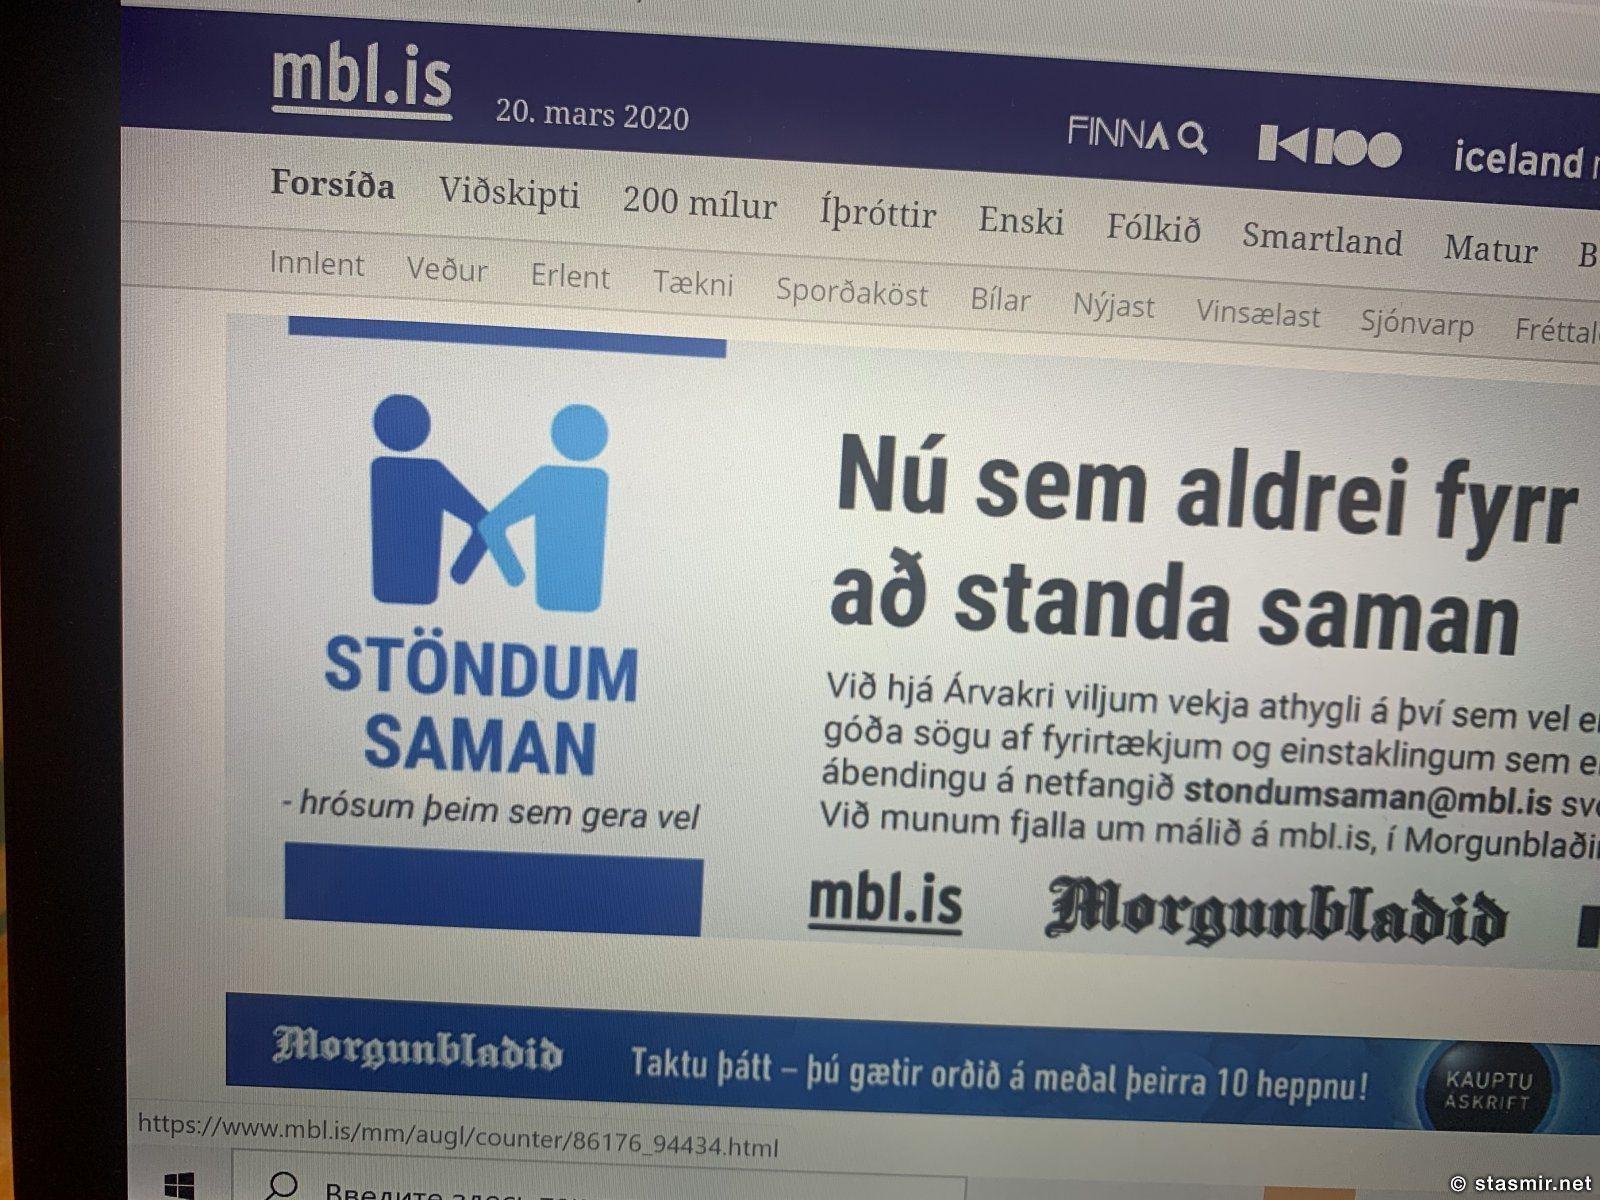 """Логотип """"Stöndum saman"""" на mbl.is - стоим вместе, но соприкасаемся локтями - без социальной дистанции, фото Стасмир, photo Stasmir"""